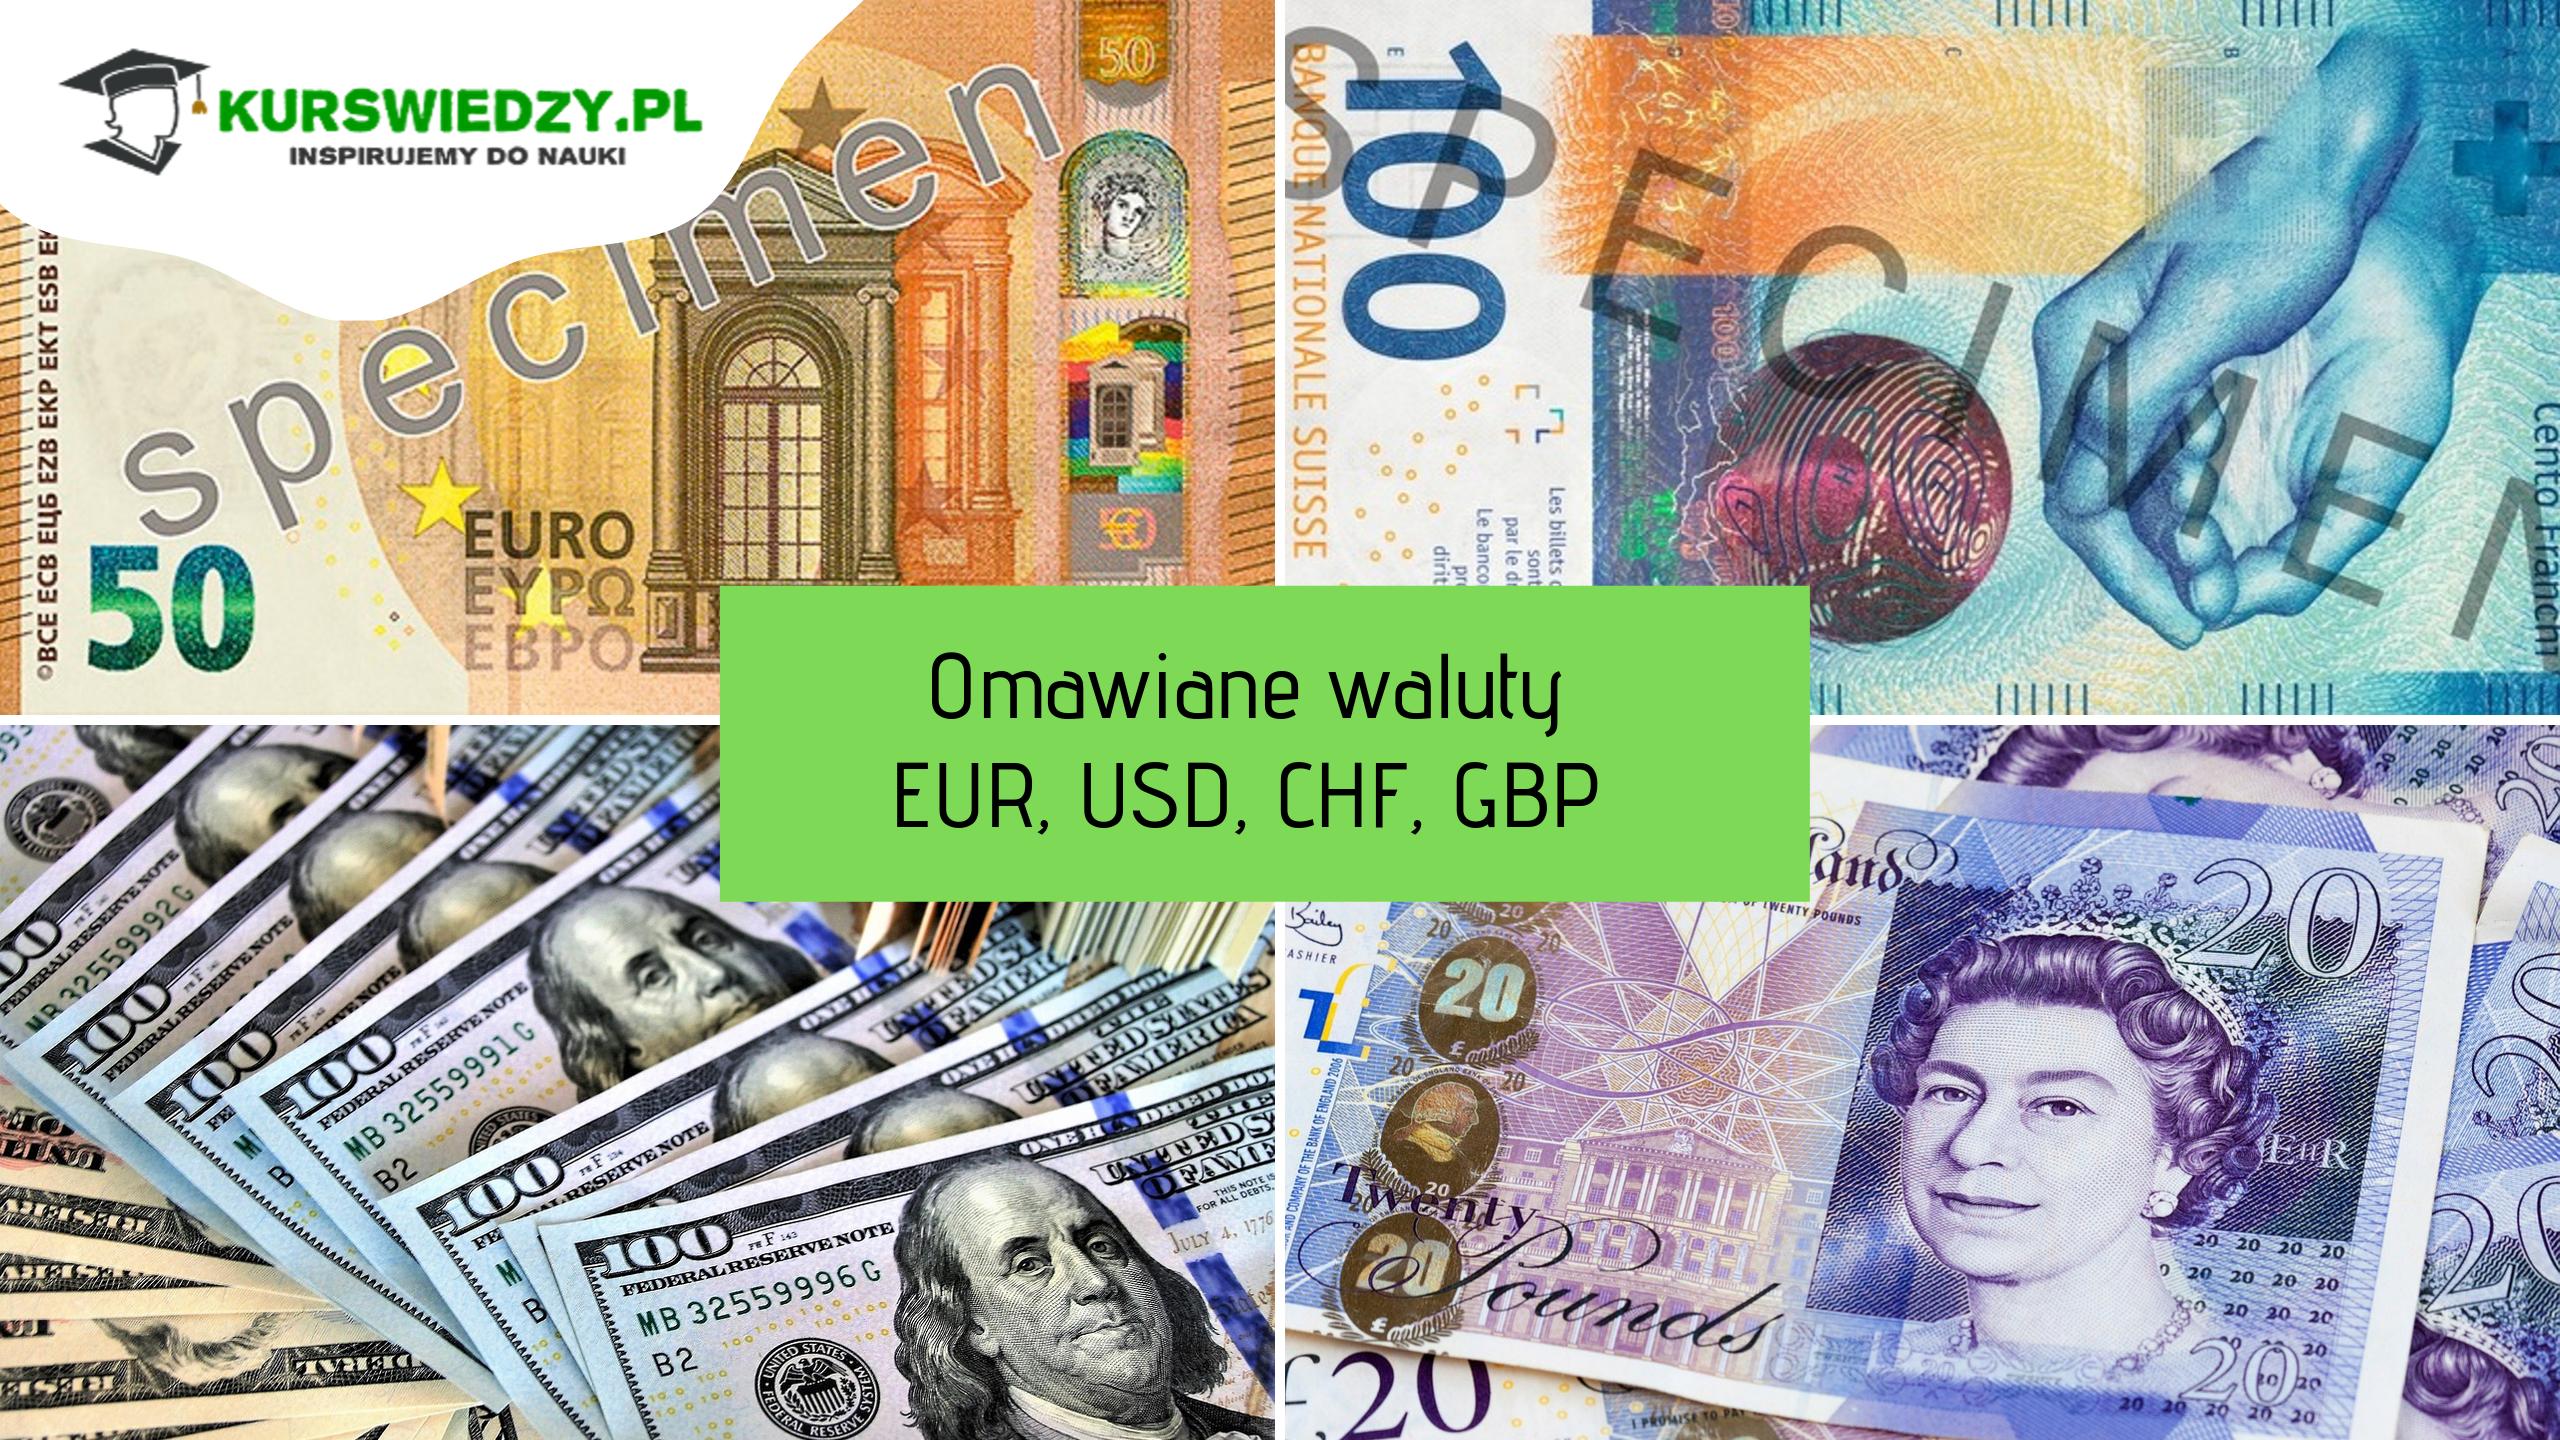 kasjer_walutowy02